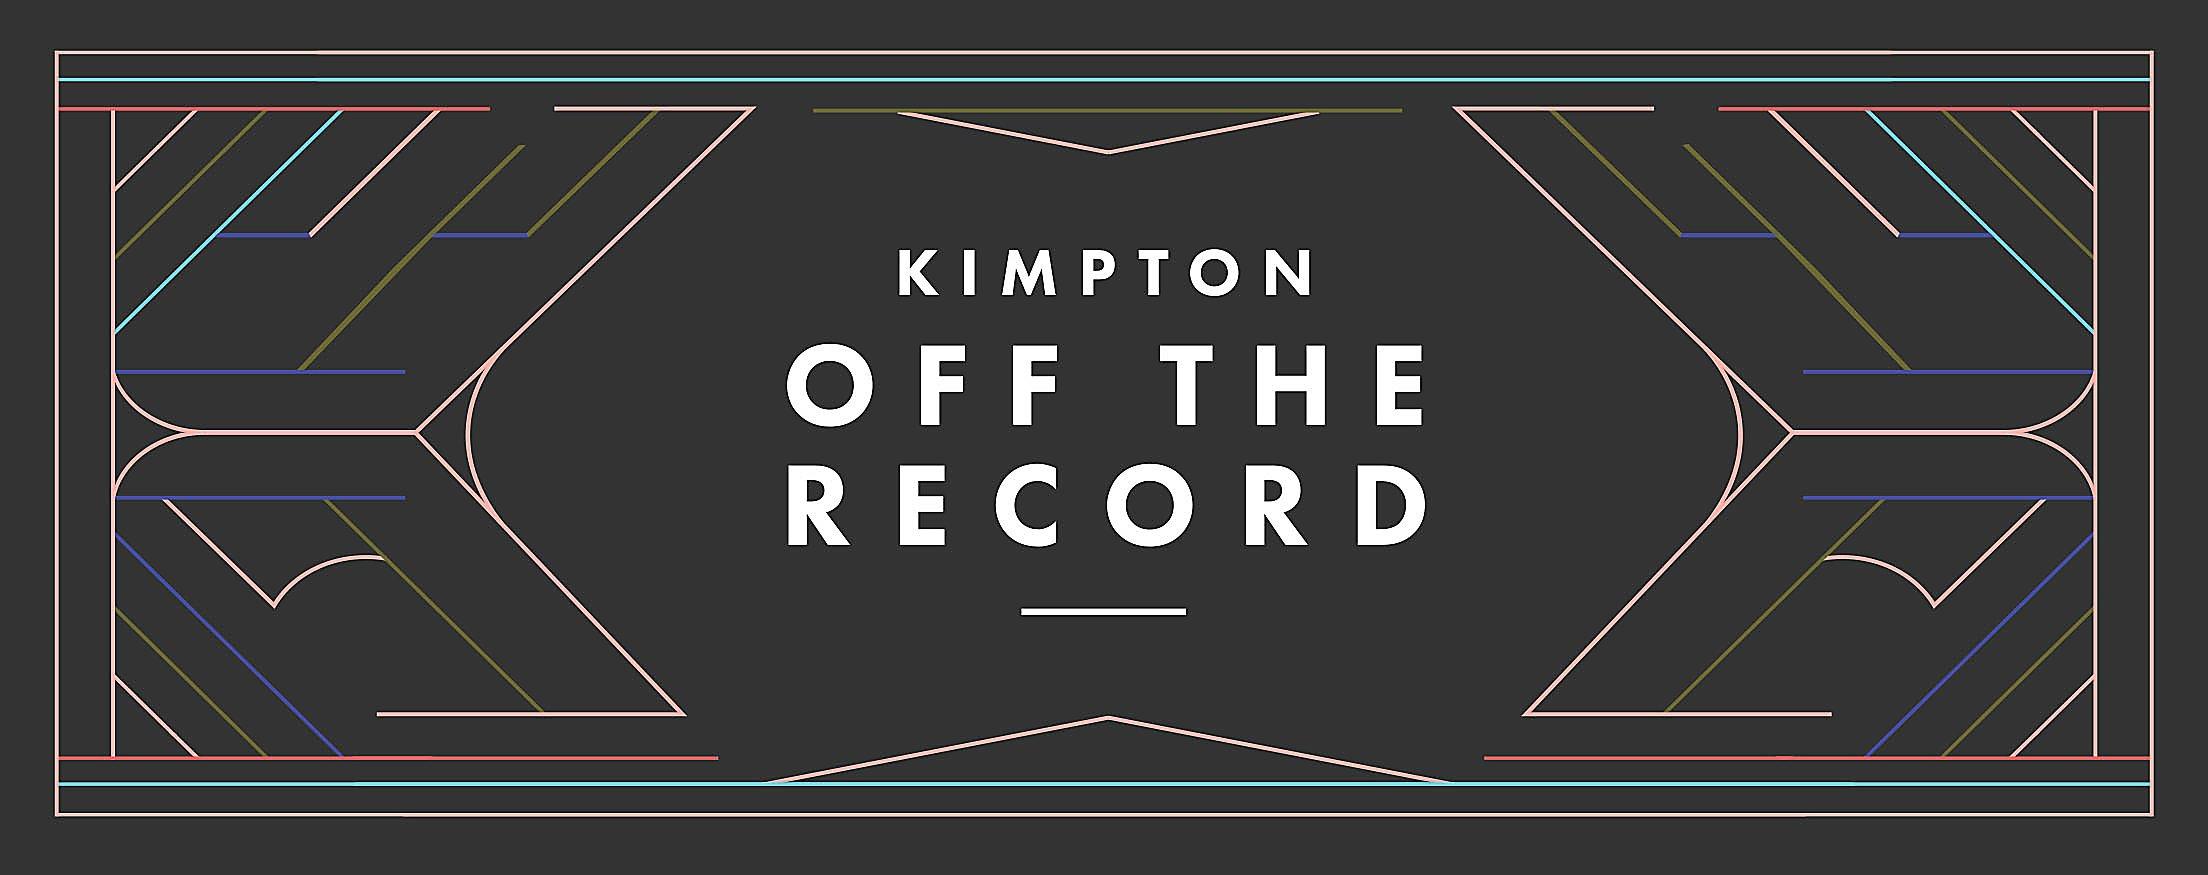 Kimpton Boutique Hotels + Restaurants | Kimpton Hotels